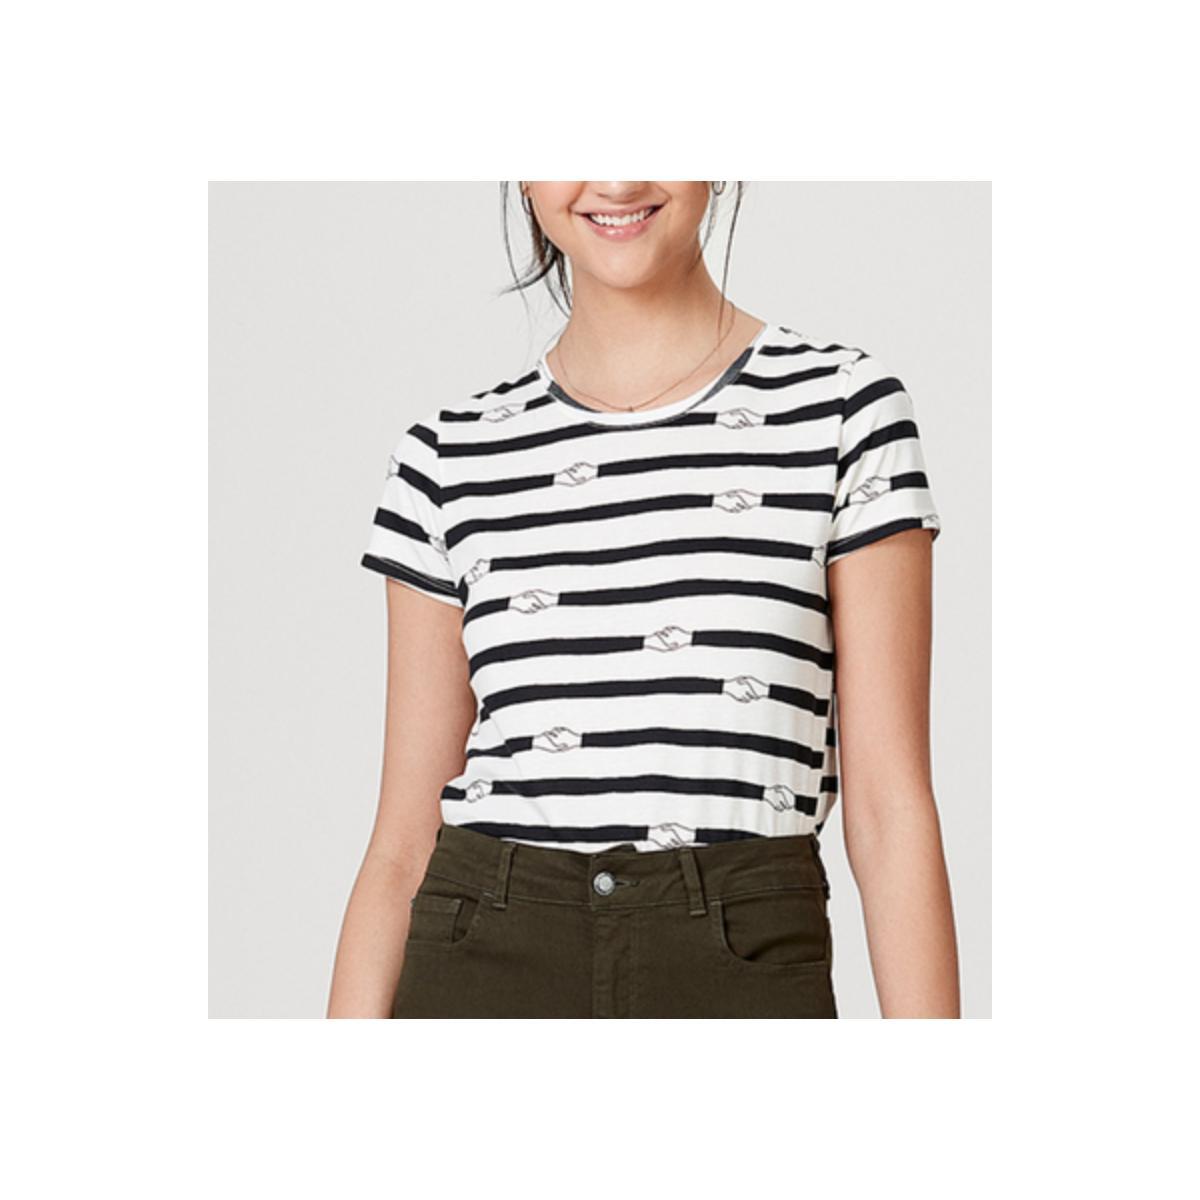 Blusa Feminina Hering 4e0v 5len Branco/preto